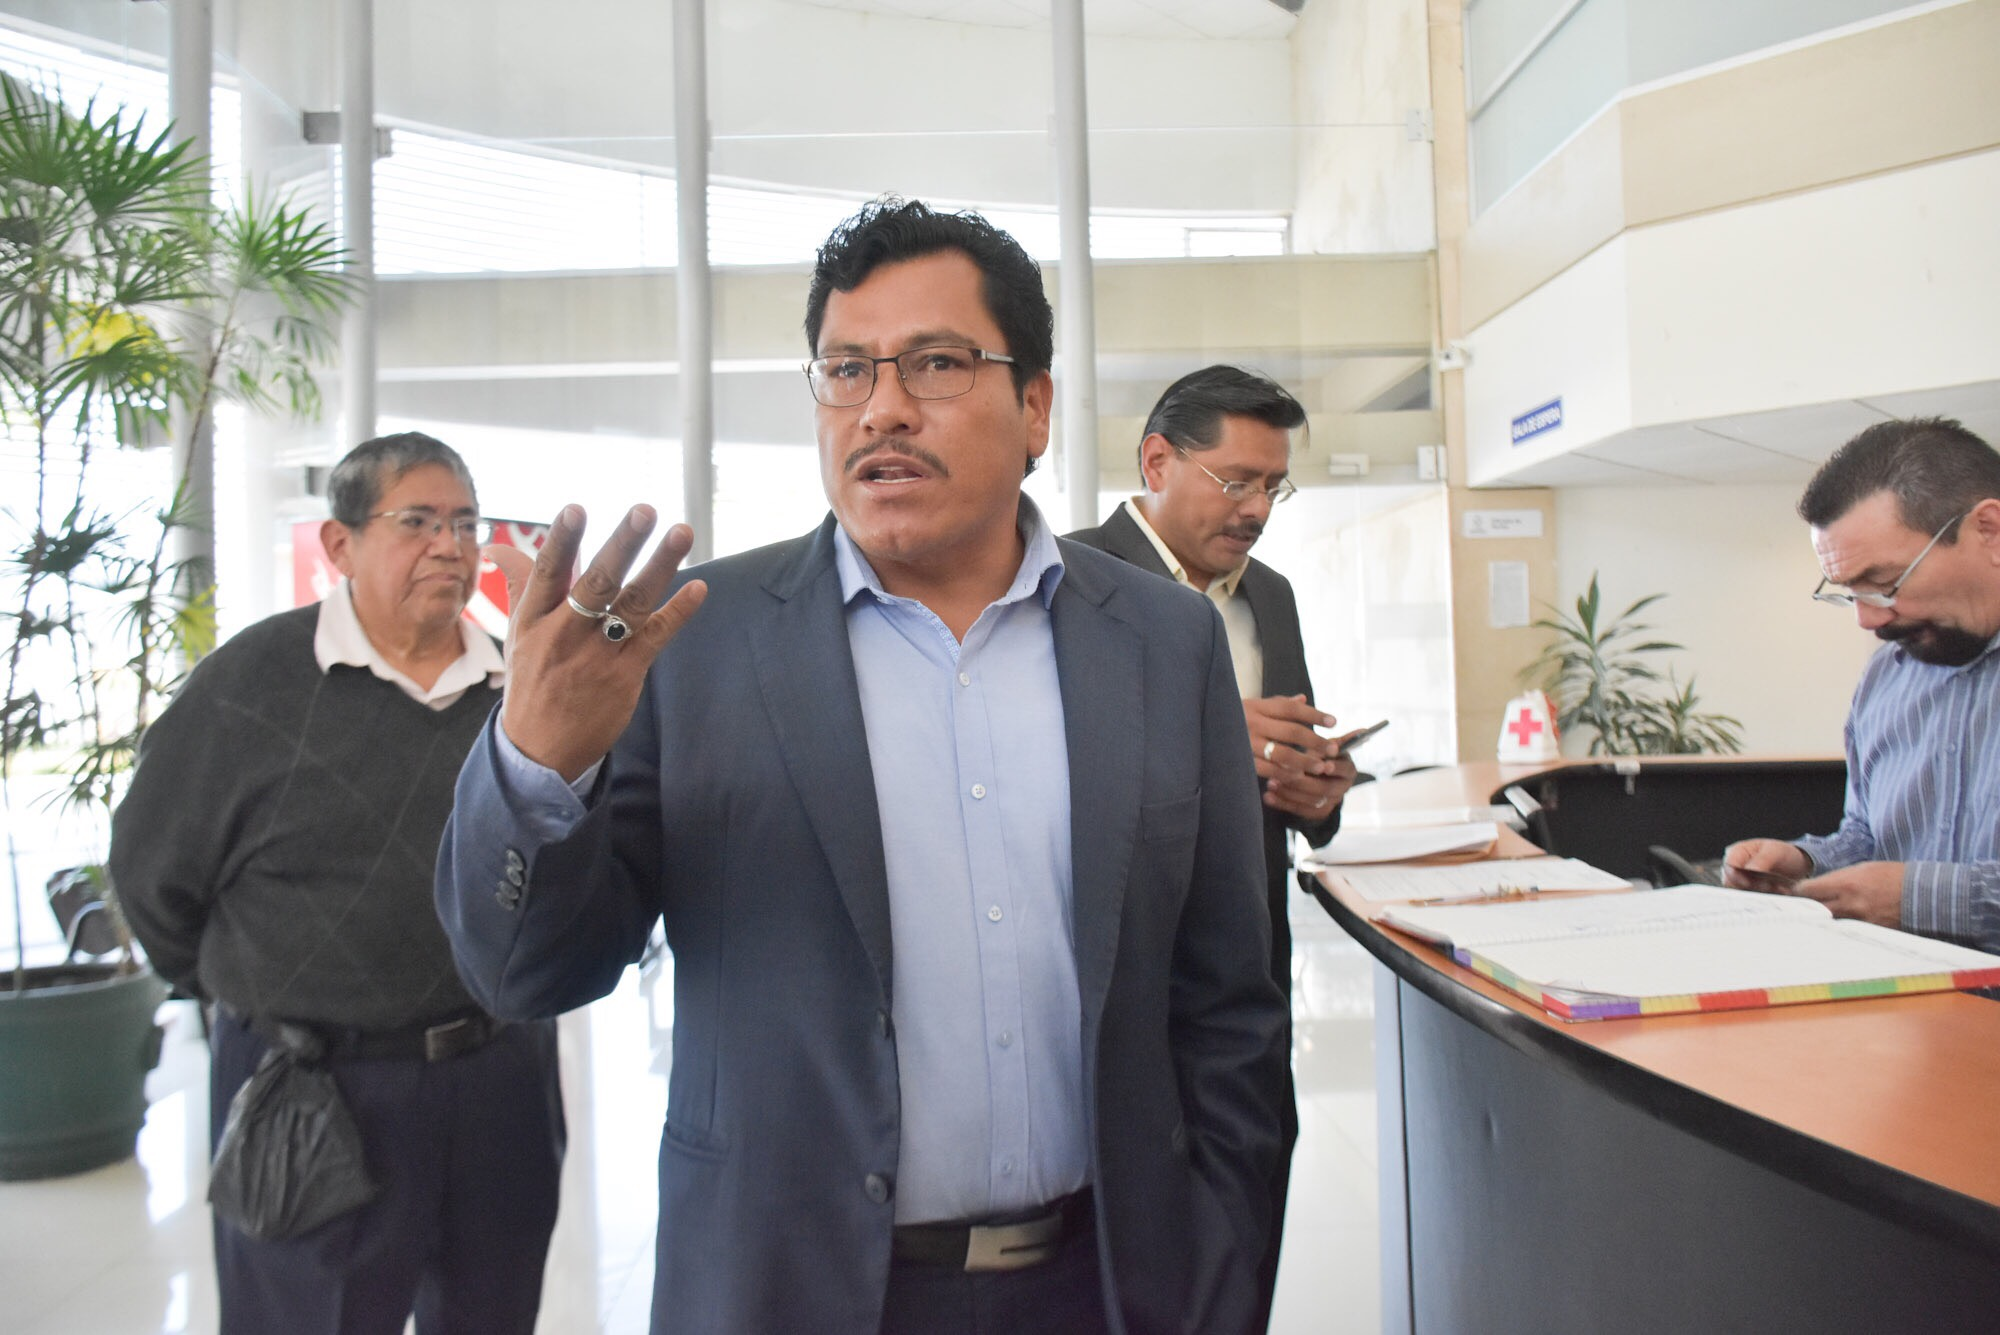 Cazarín y Cisneros engañan al gobernador: Maleno